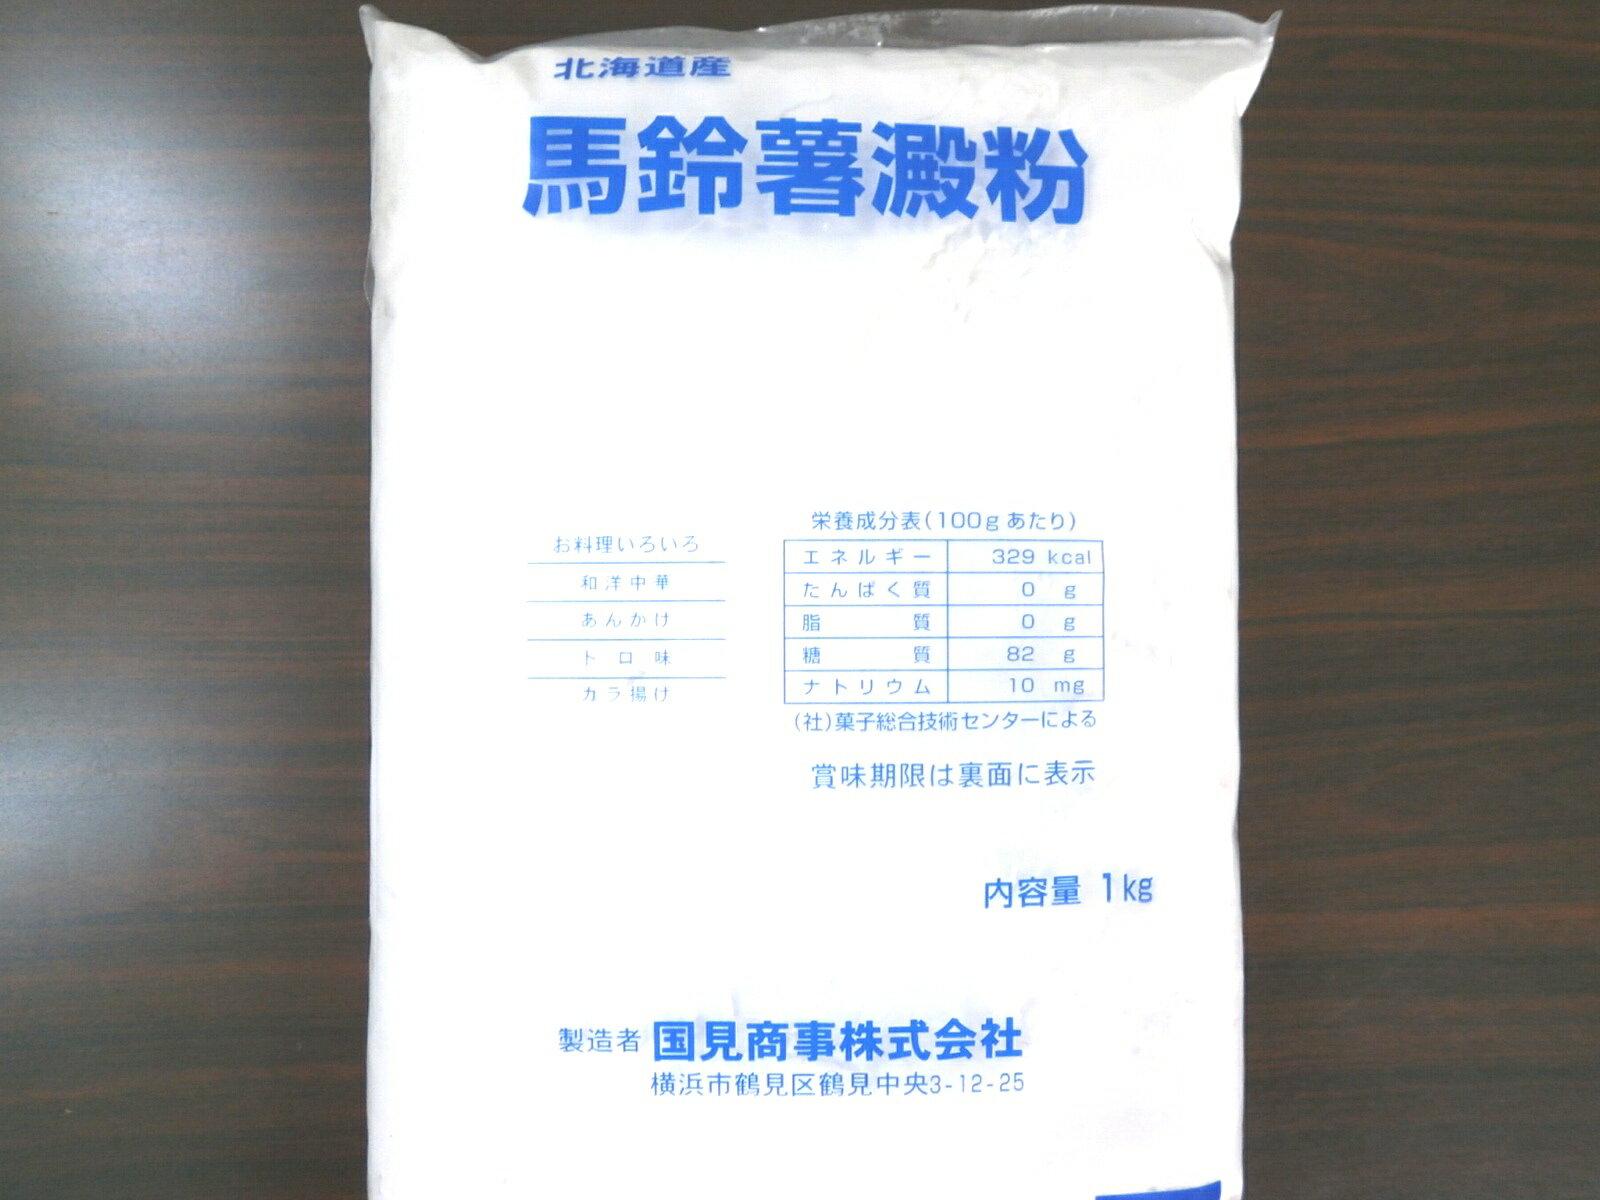 馬鈴薯澱粉 片栗粉 1kg 北海道産 まとめ買い